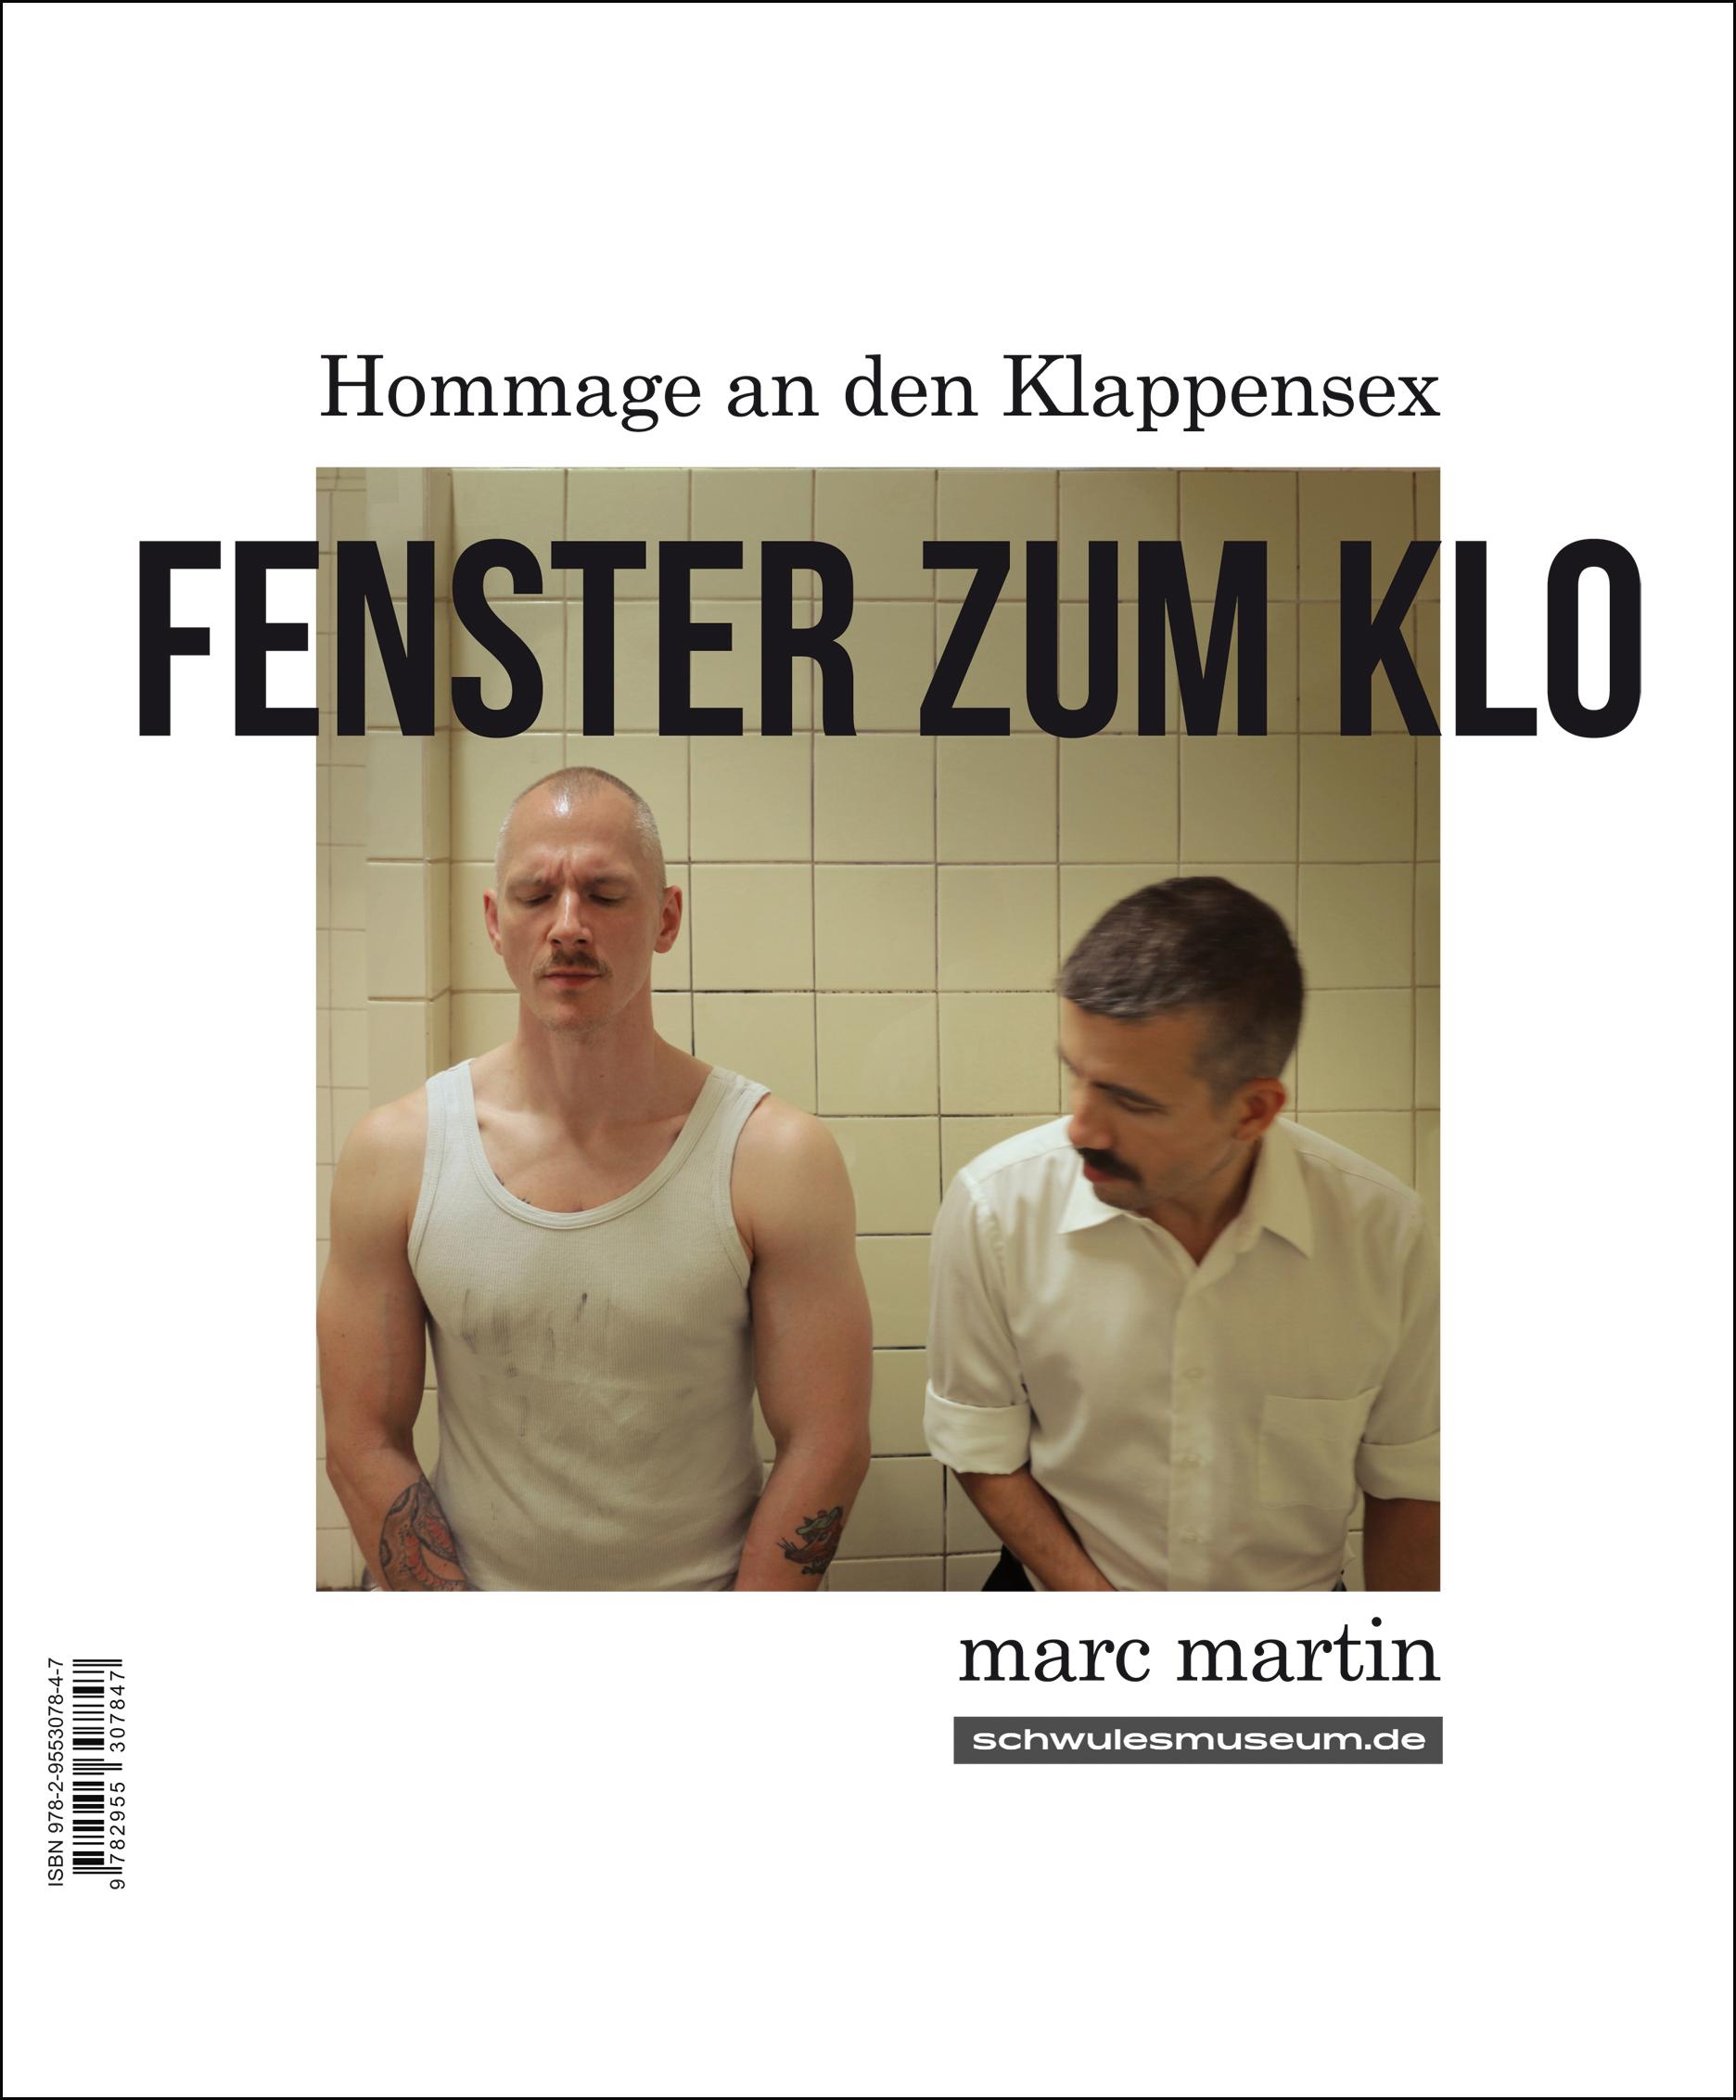 http://elagua.eu/imgShop/MARCMARTIN/BOOK-1569199010/cover.jpg